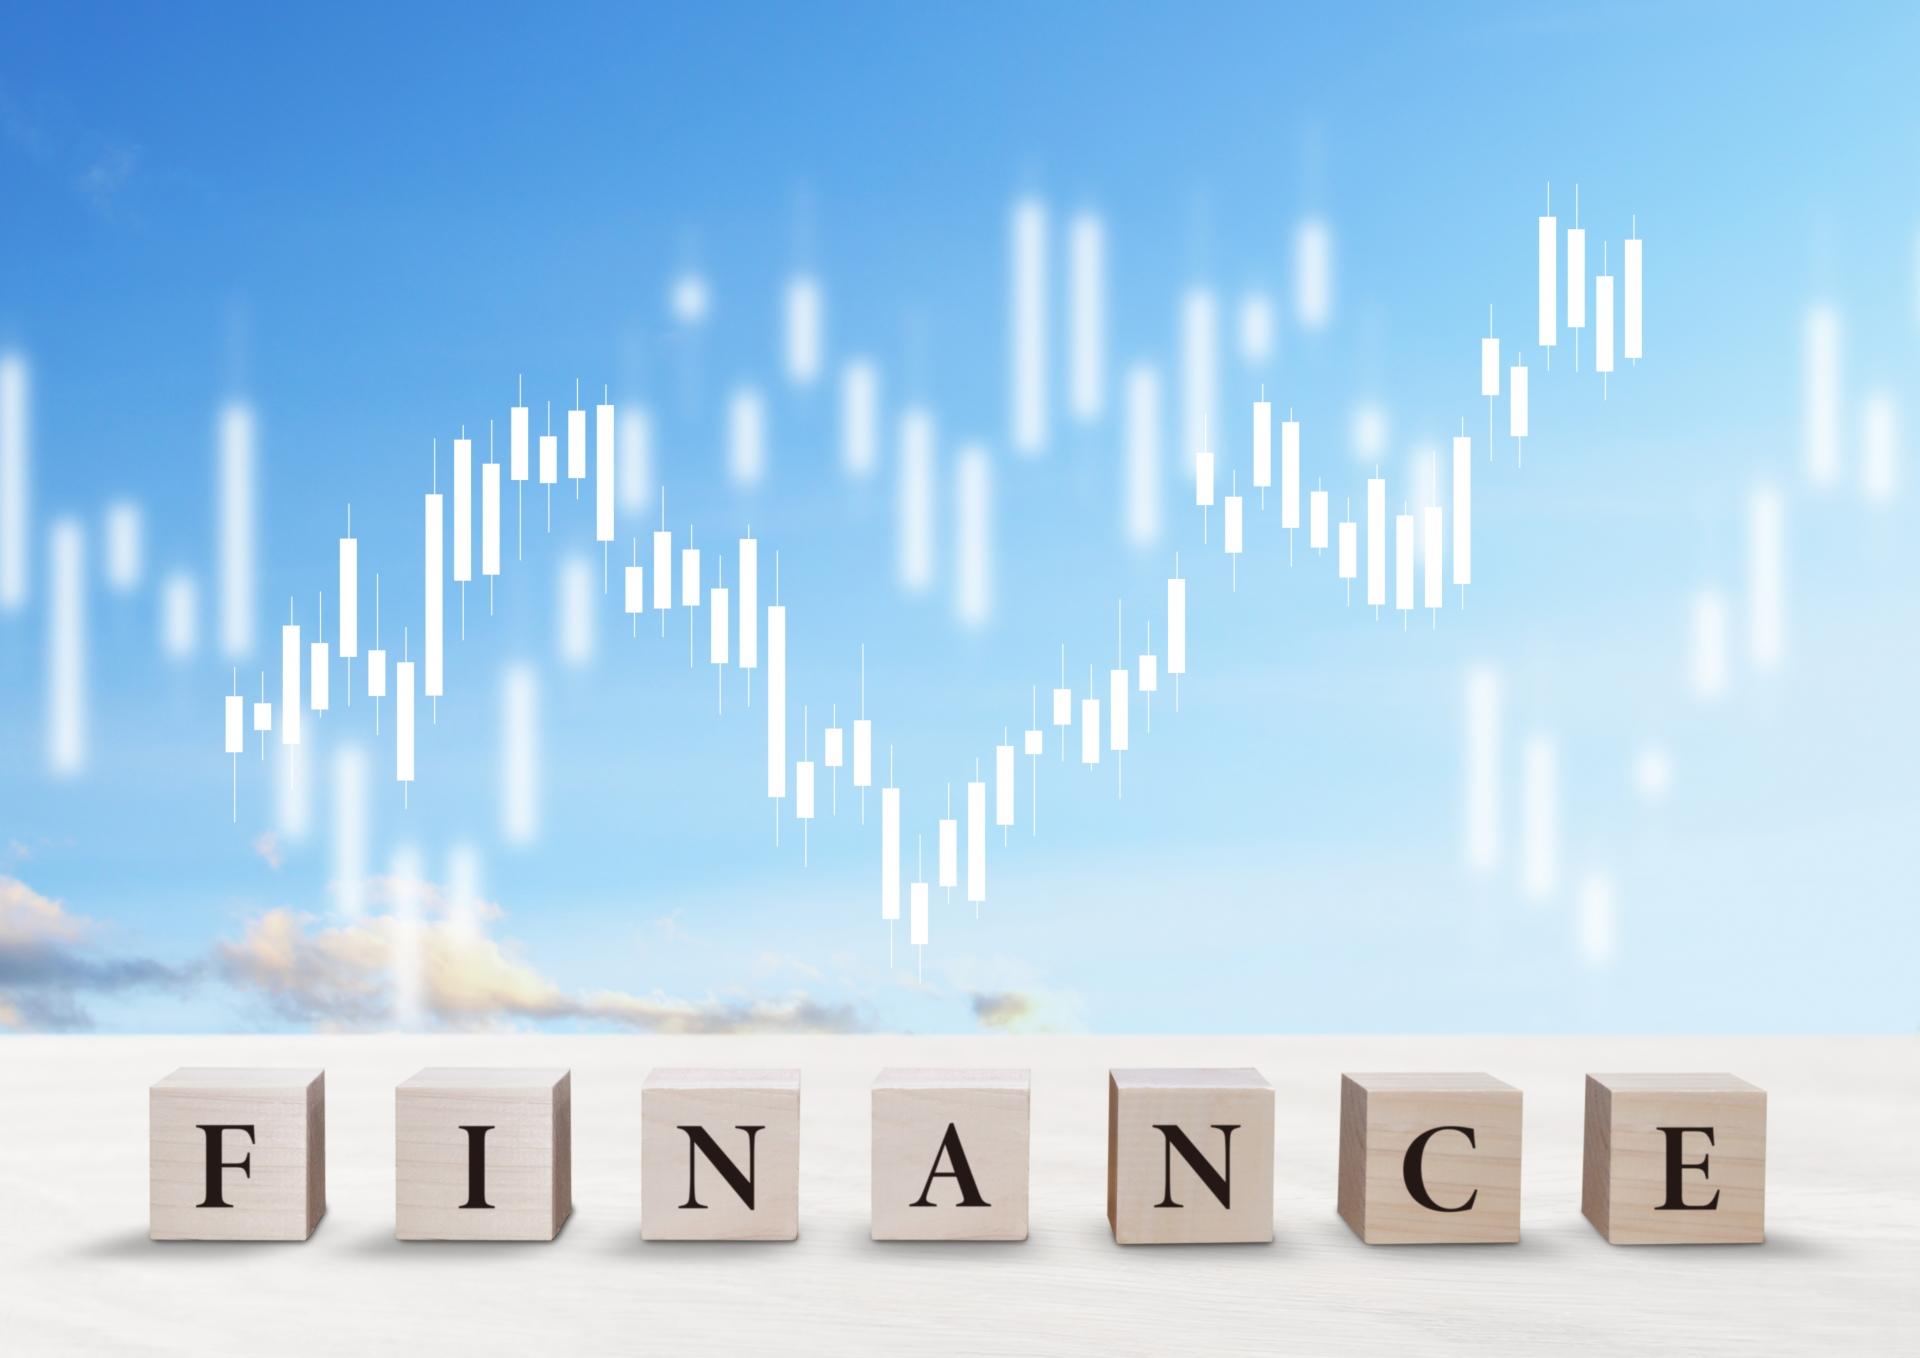 銀行融資とは?審査期間やおすすめの金融機関を紹介